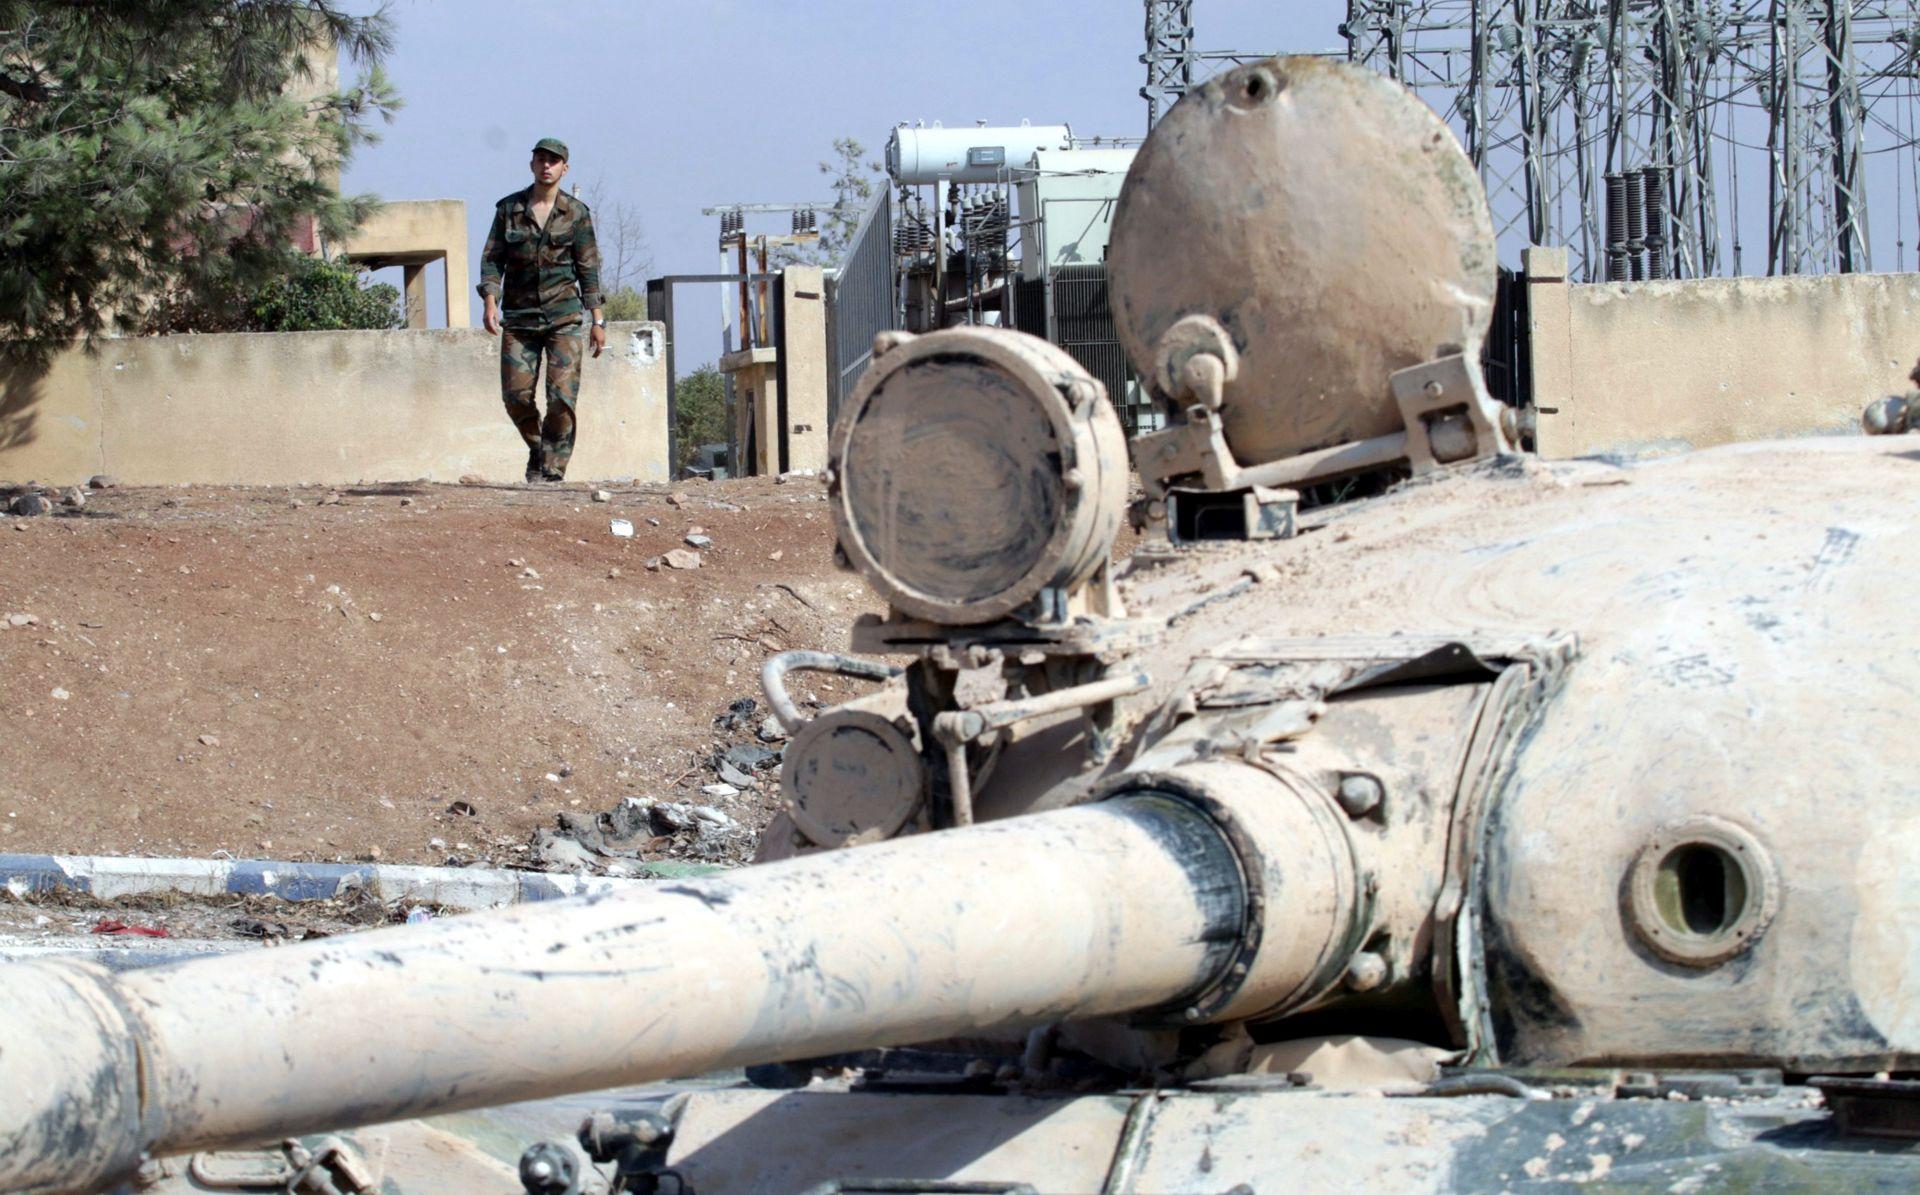 TREĆI DAN PRIMIRJA: U Alepu uglavnom prevladava mir uz sporadične napade